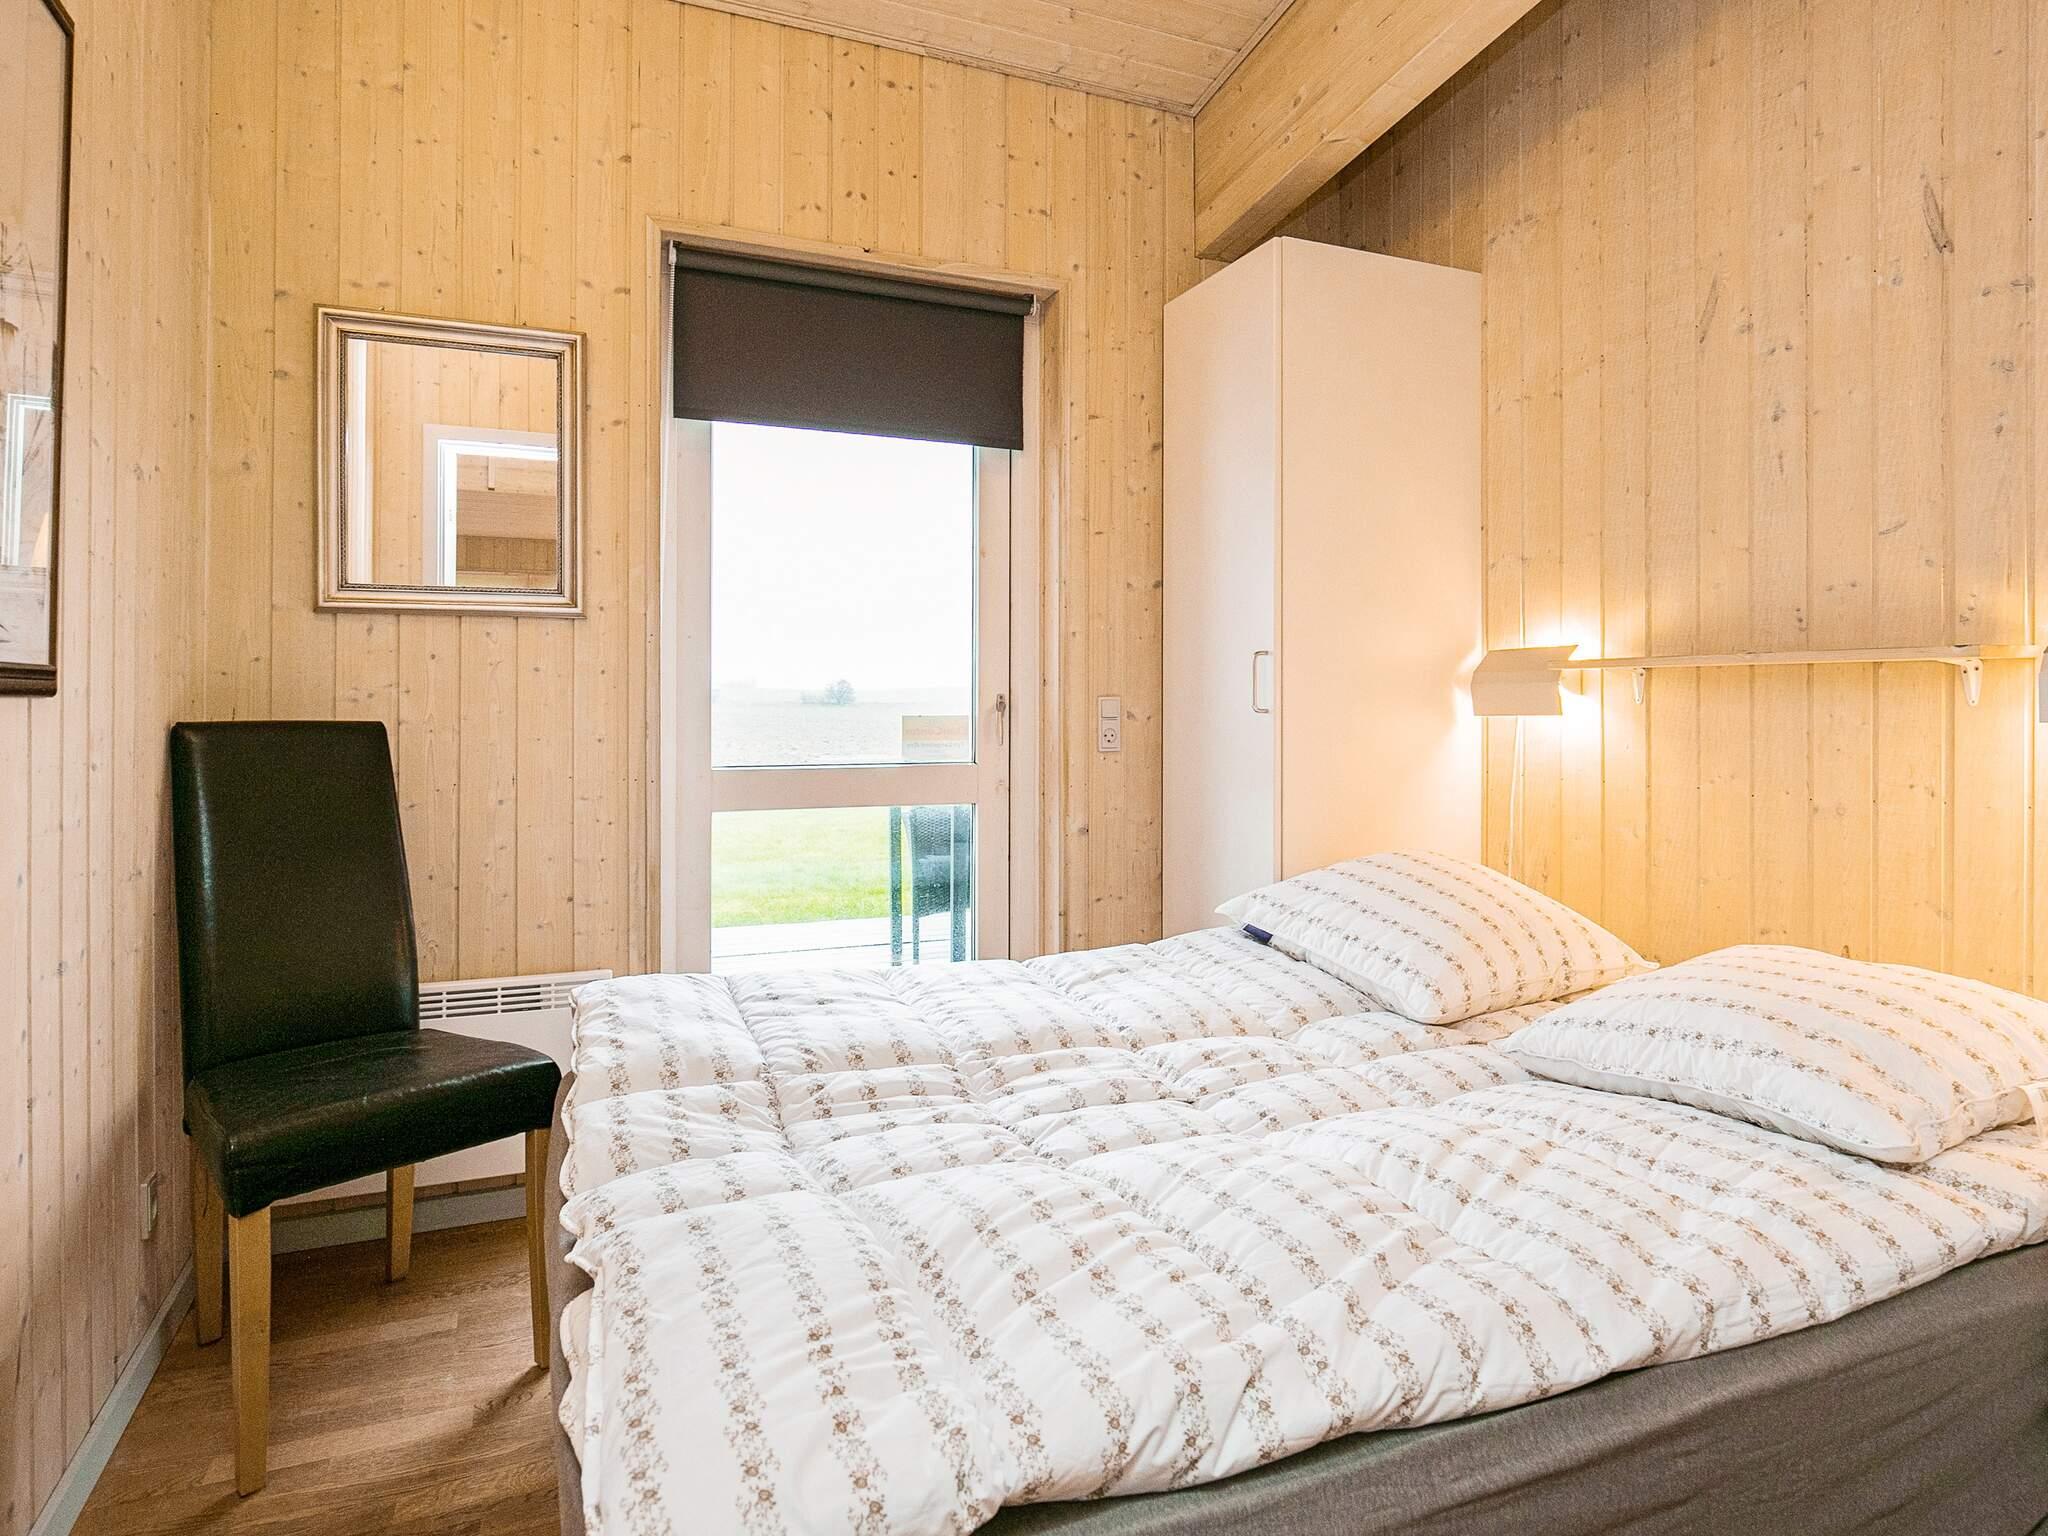 Ferienhaus Nab (2563317), Nabbe, , Fünen, Dänemark, Bild 11